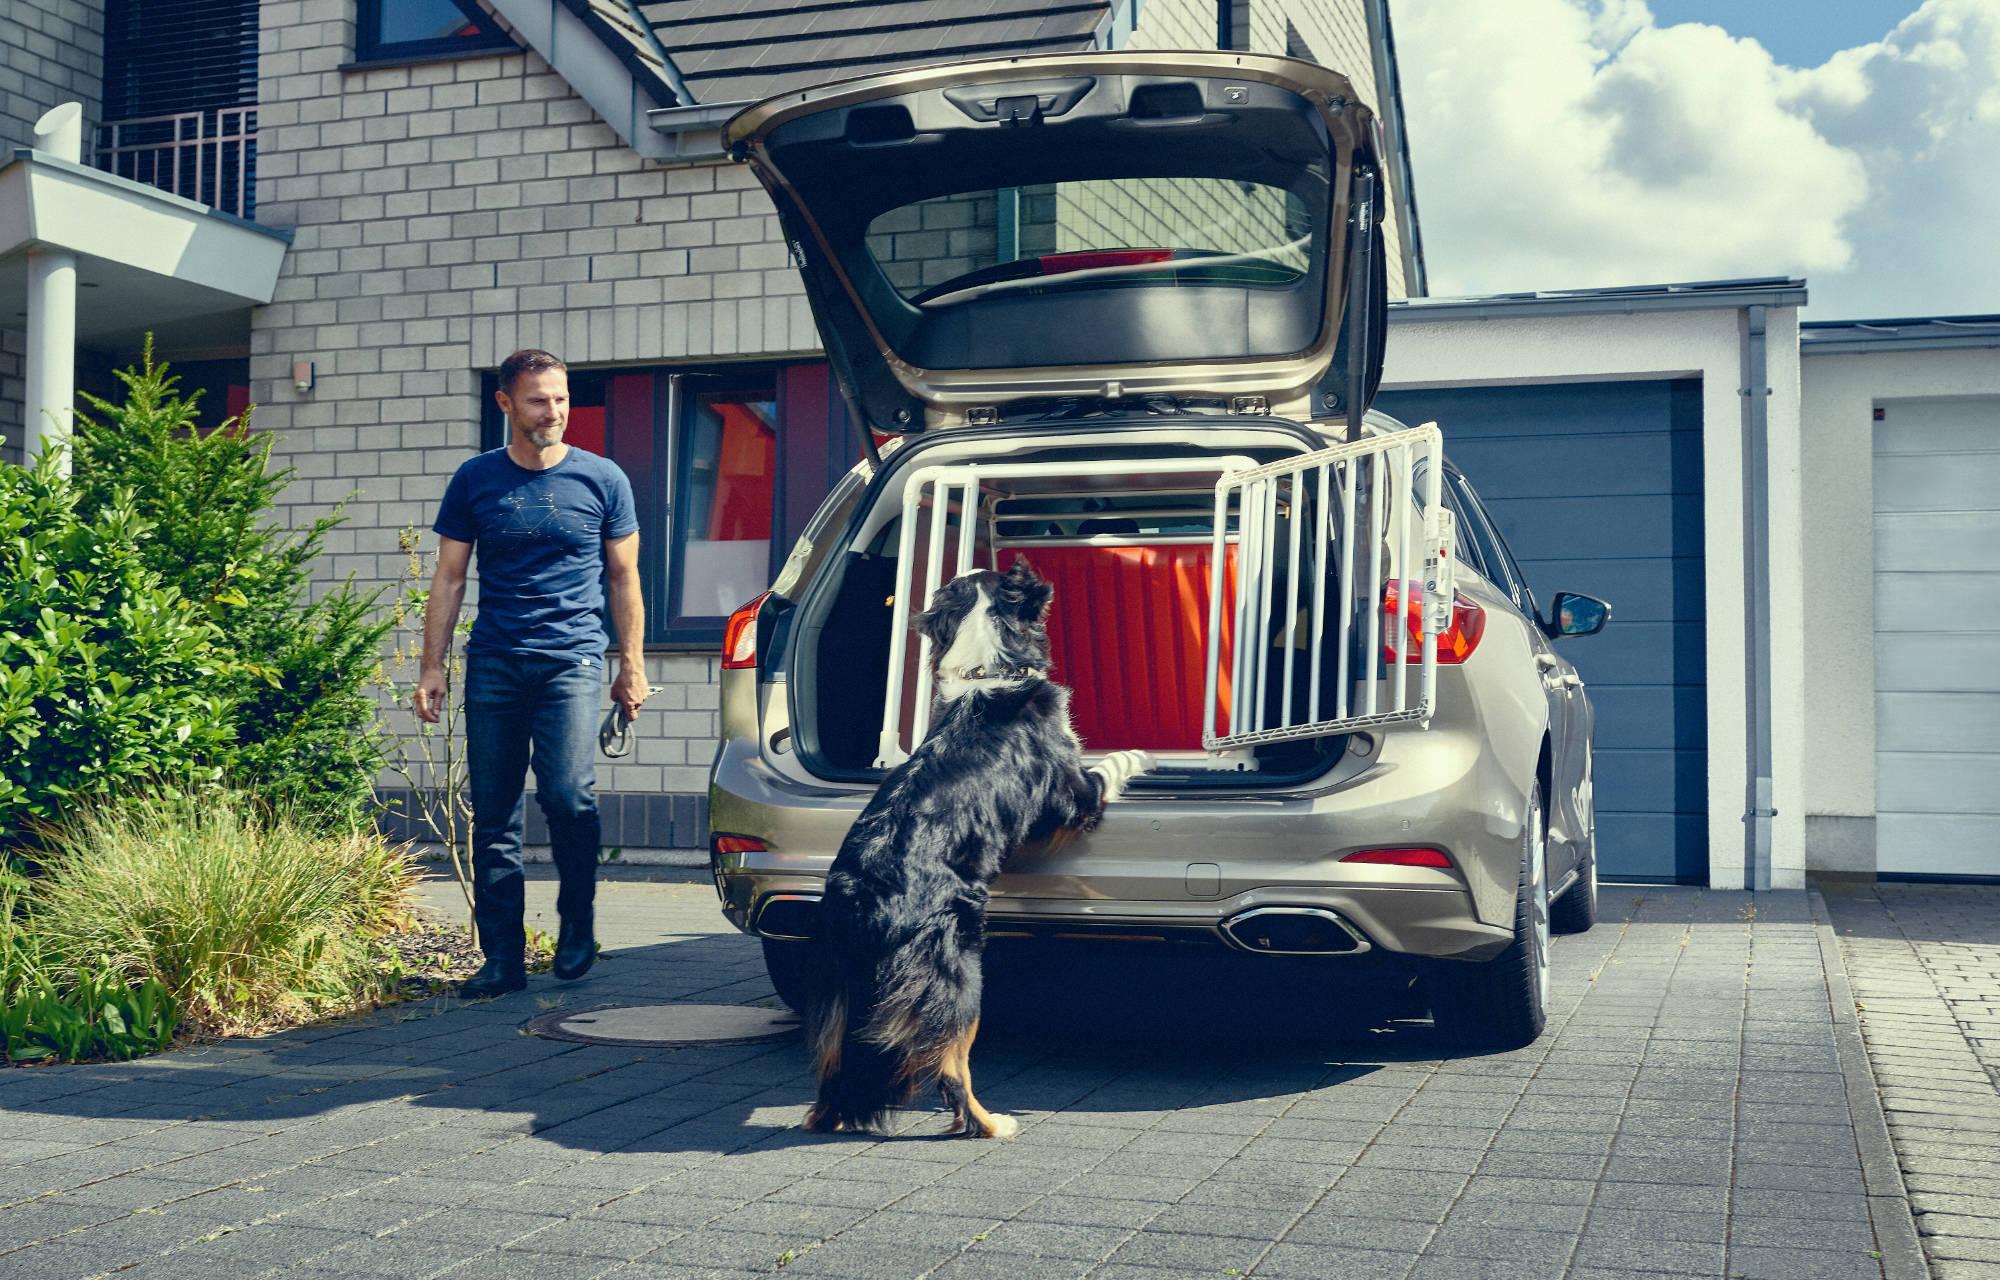 ford pr sente emil le chien qui participe am liorer la. Black Bedroom Furniture Sets. Home Design Ideas